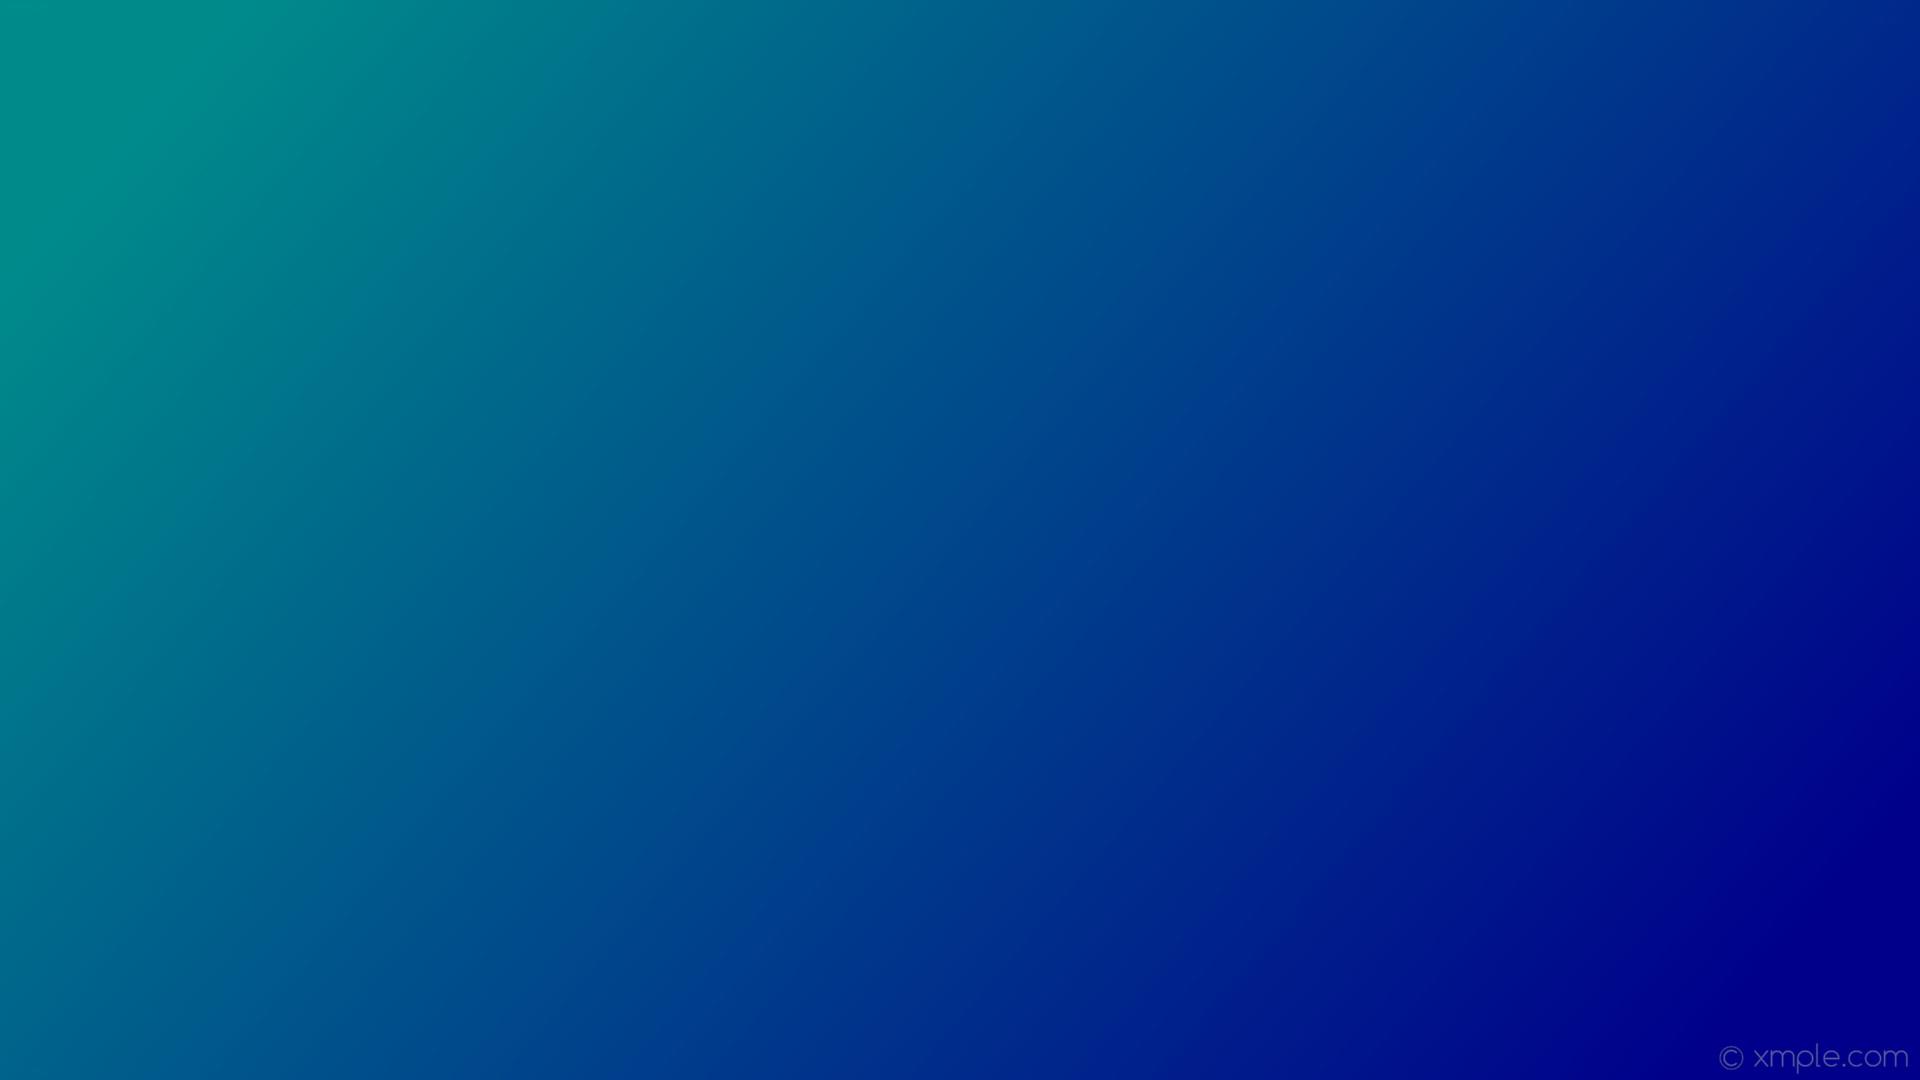 wallpaper green blue gradient linear dark cyan dark blue #008b8b #00008b  165°